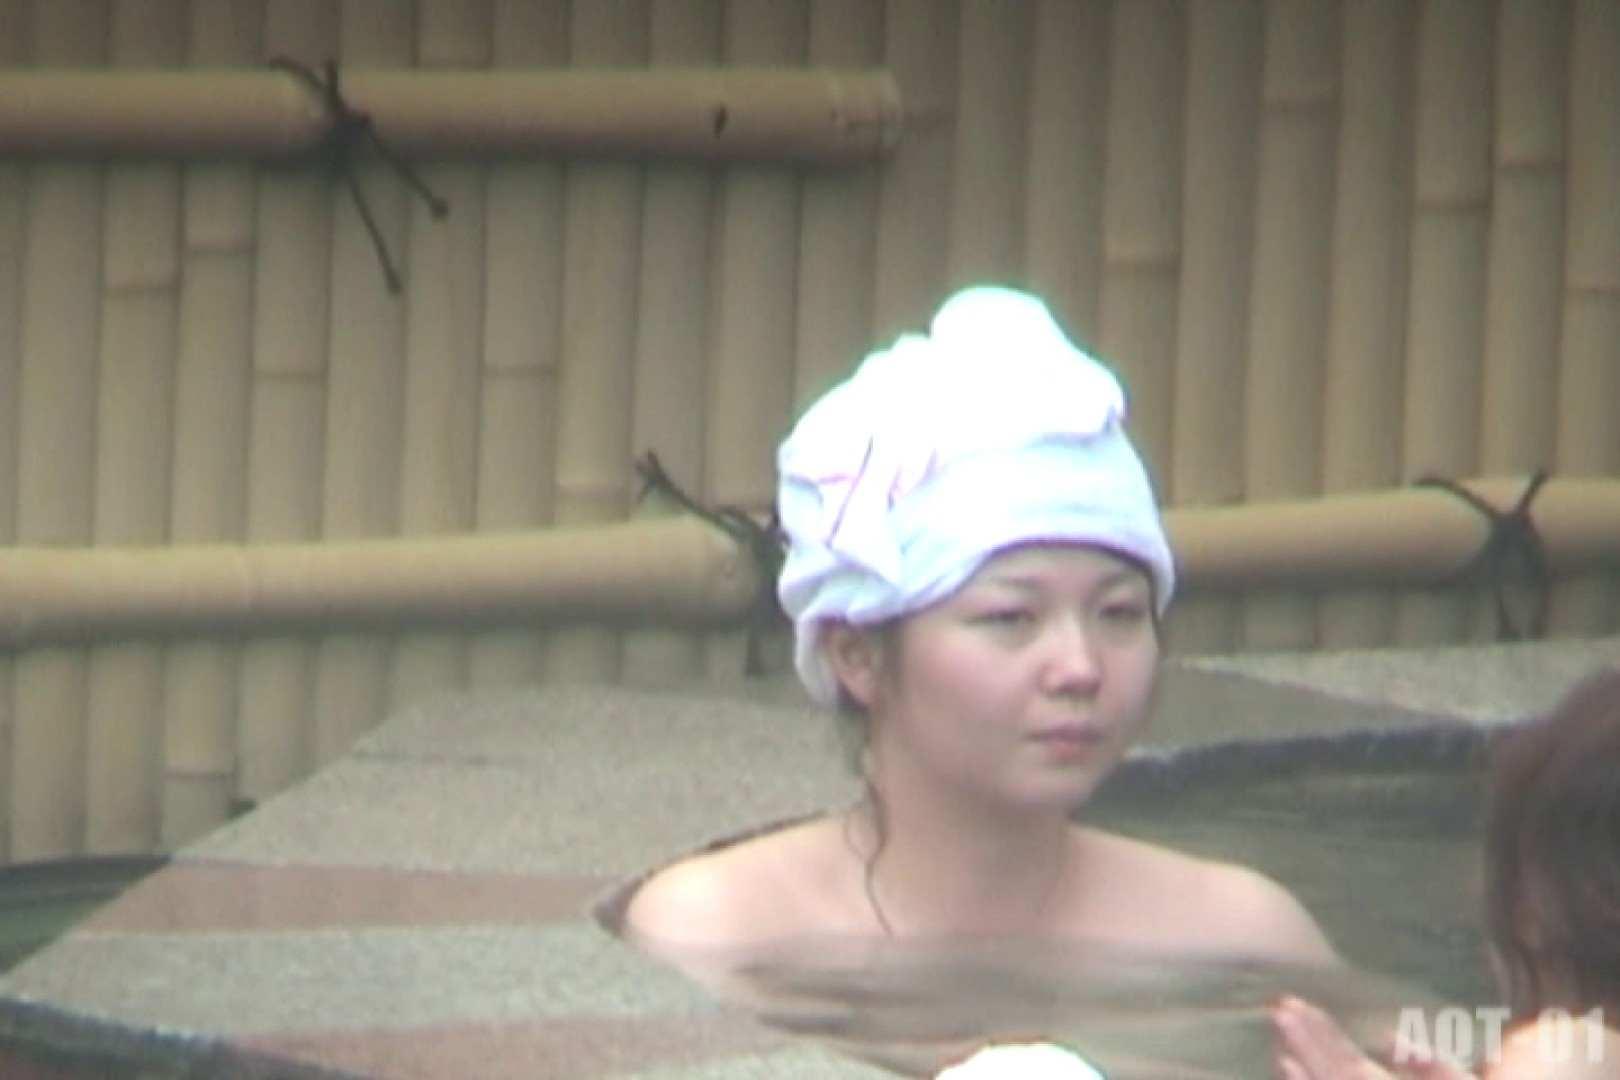 Aquaな露天風呂Vol.715 美しいOLの裸体   盗撮師作品  80pic 34